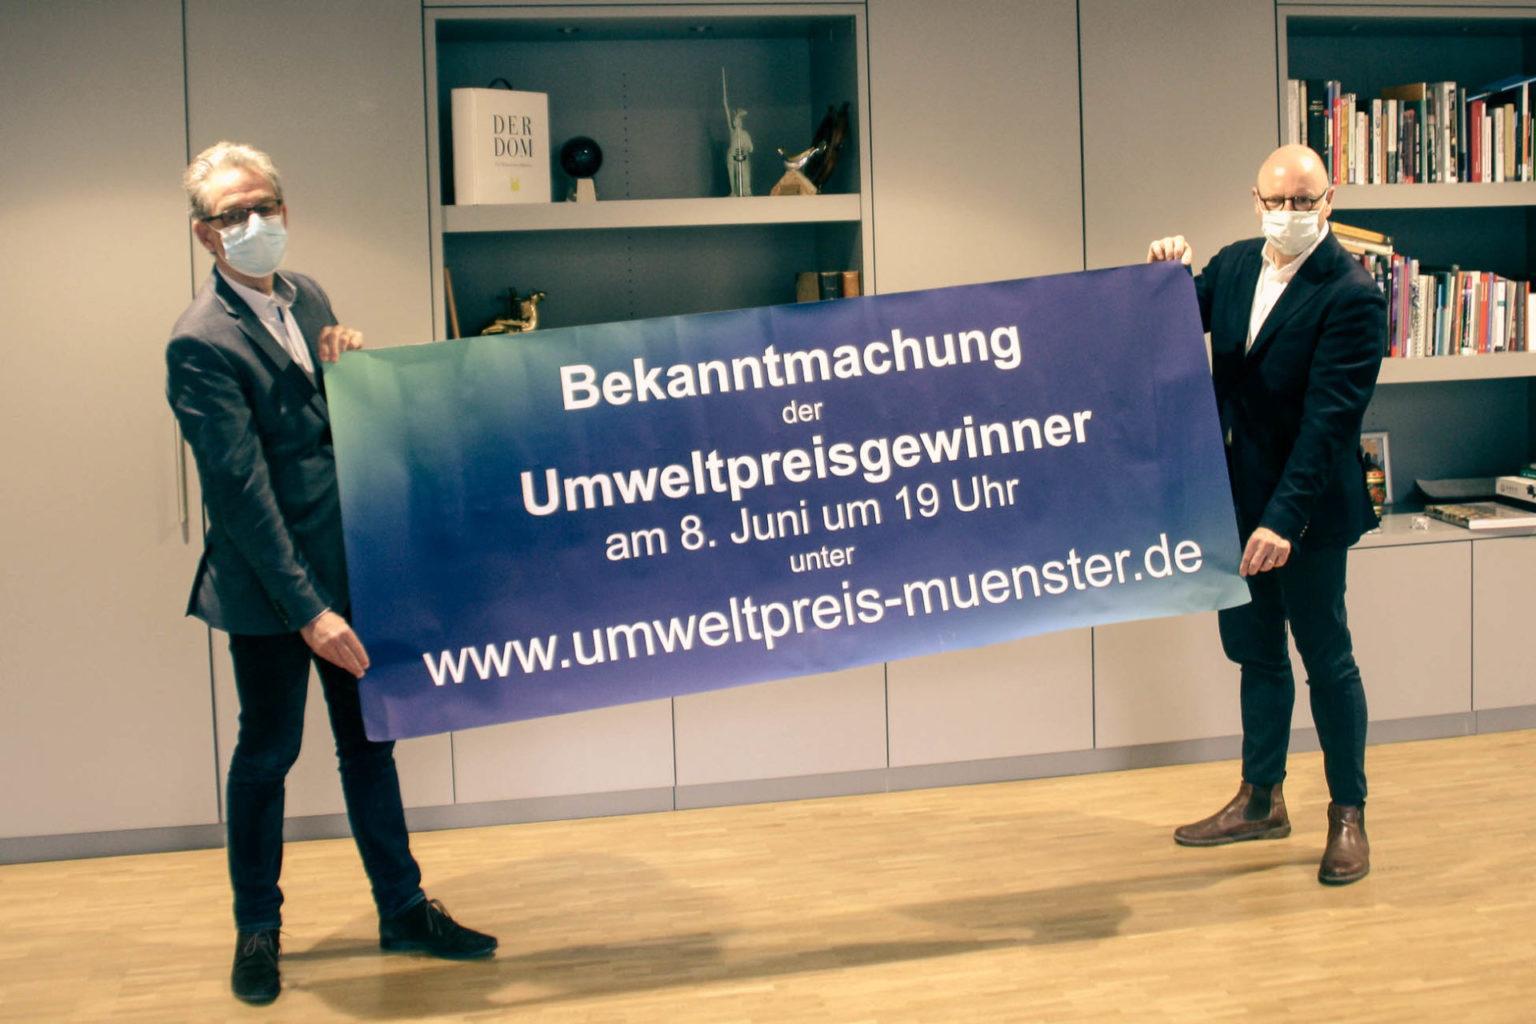 Großes Kino für den Umweltpreis: Stadt Münster gibt Gewinnerinnen und Gewinner bekannt